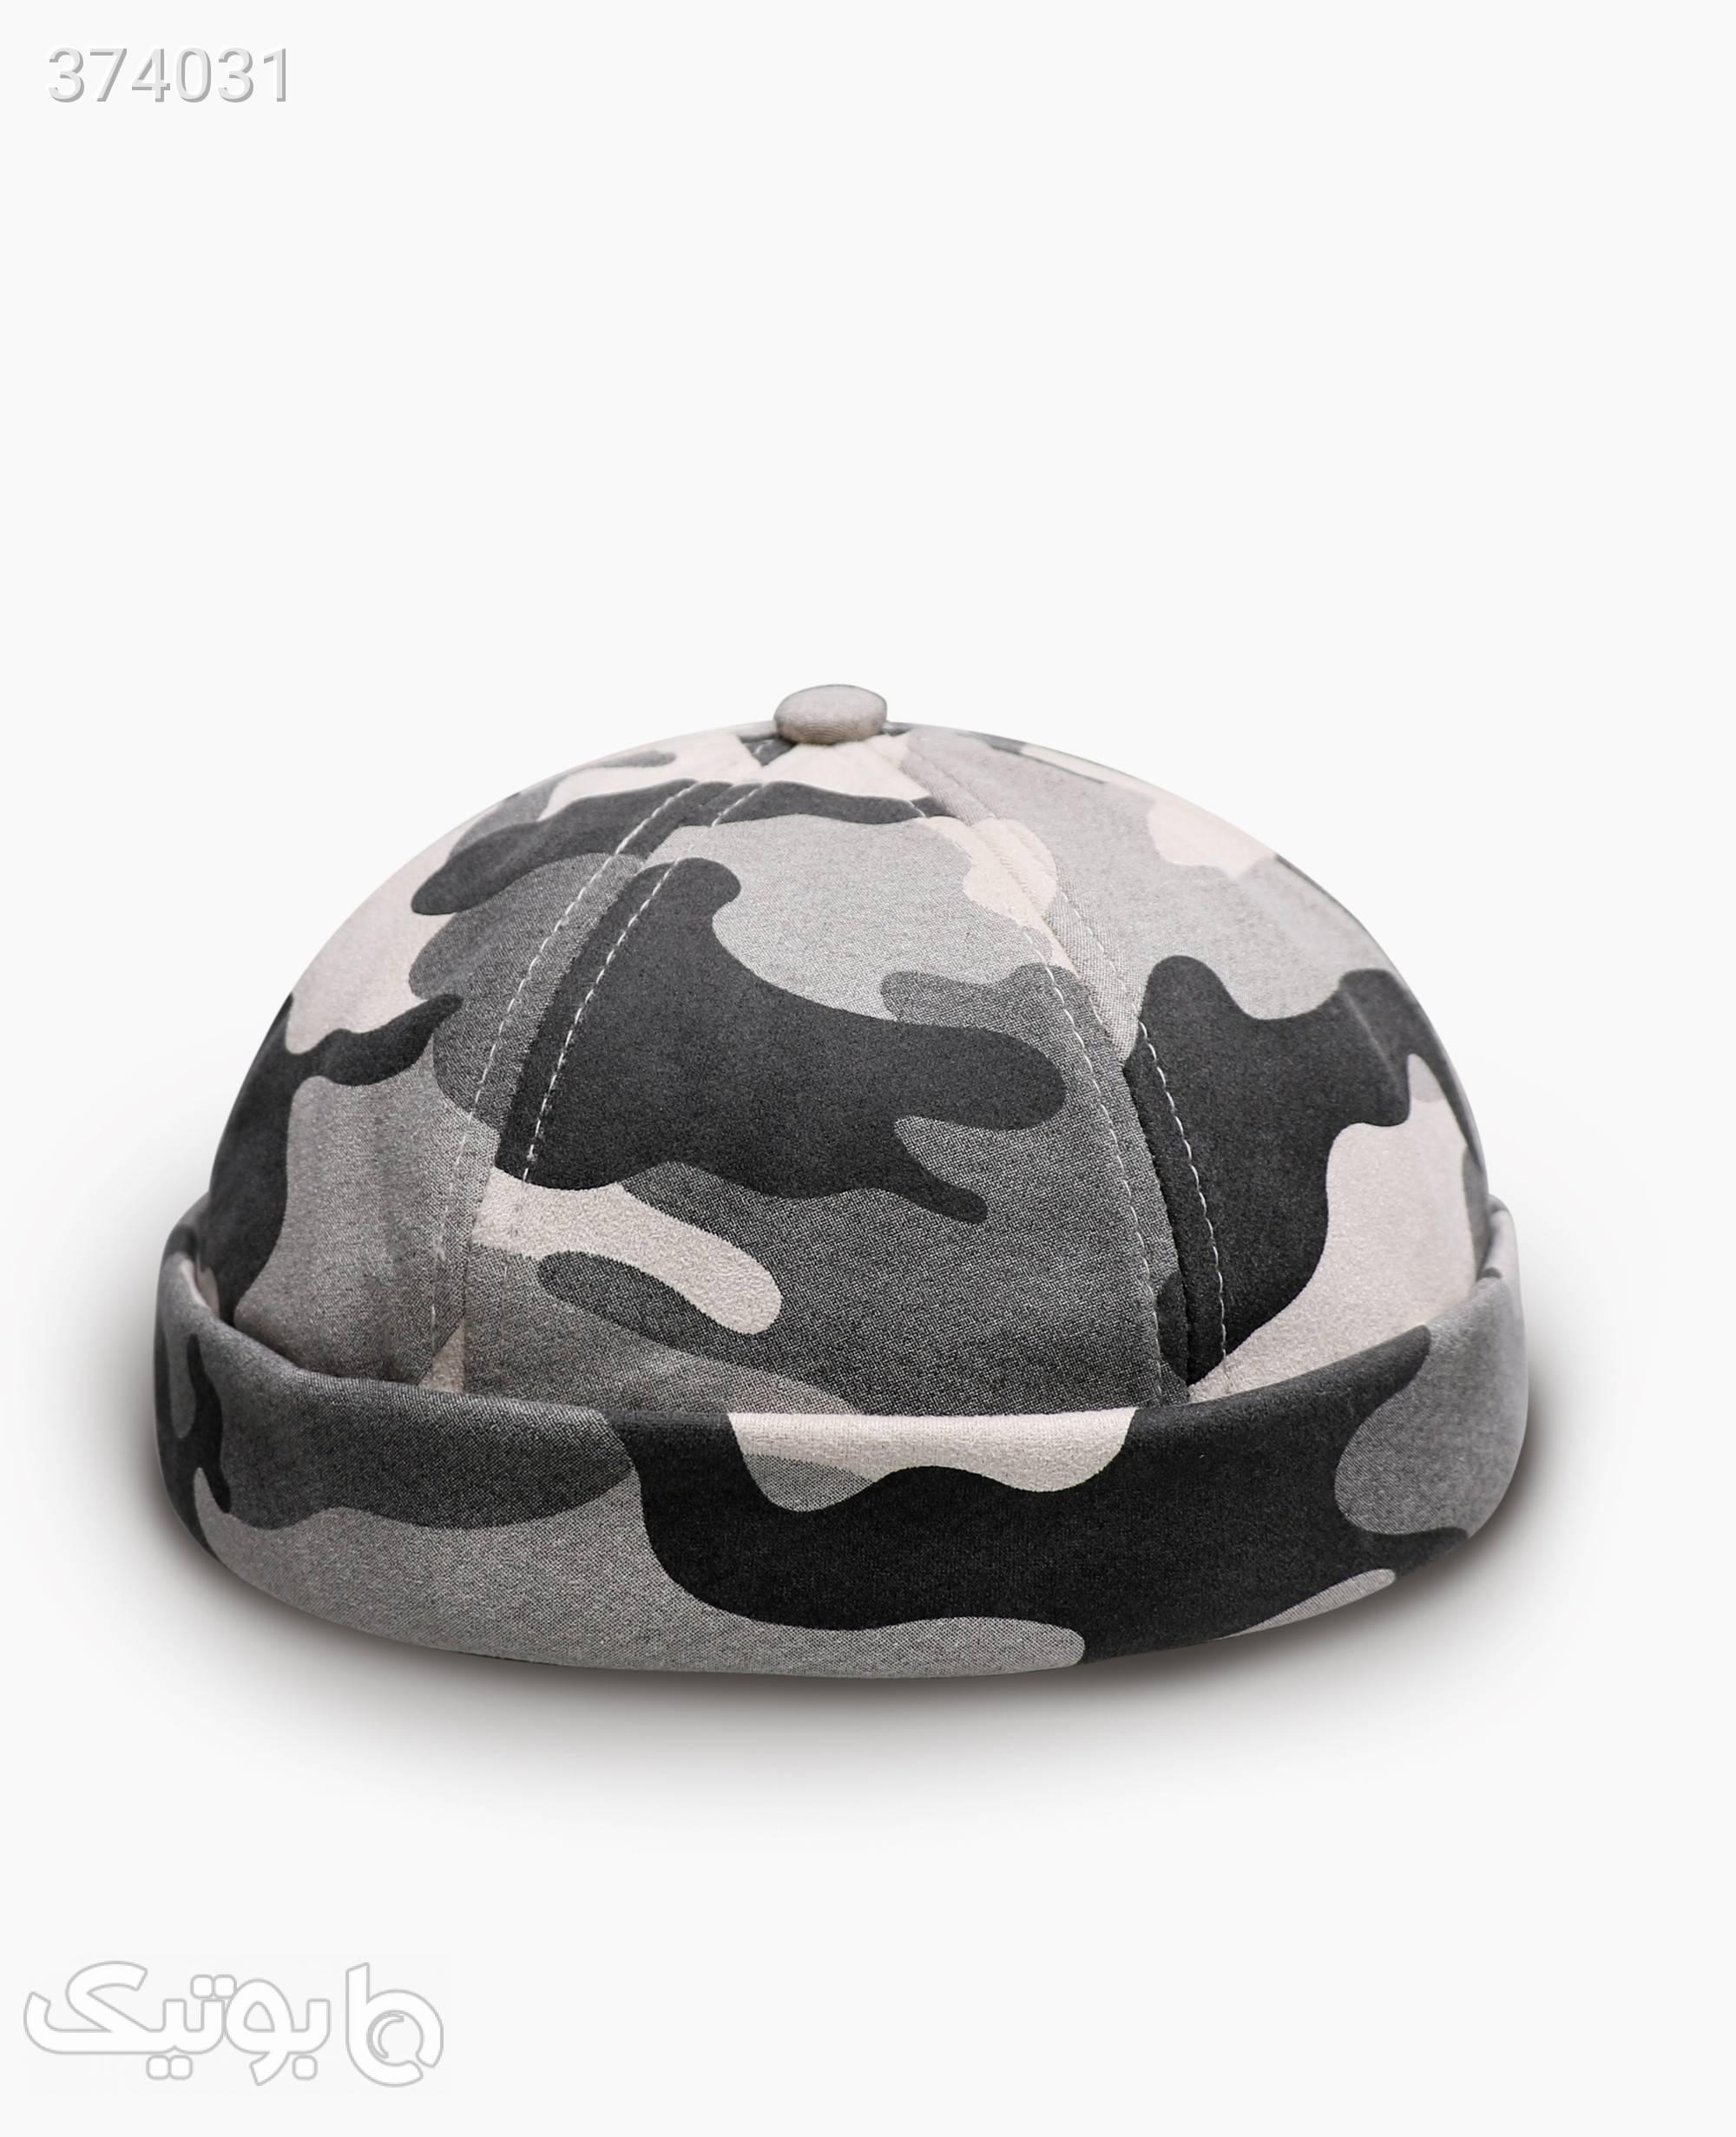 کلاه بدون نقاب چریکی کد 1987 سبز کلاه و اسکارف